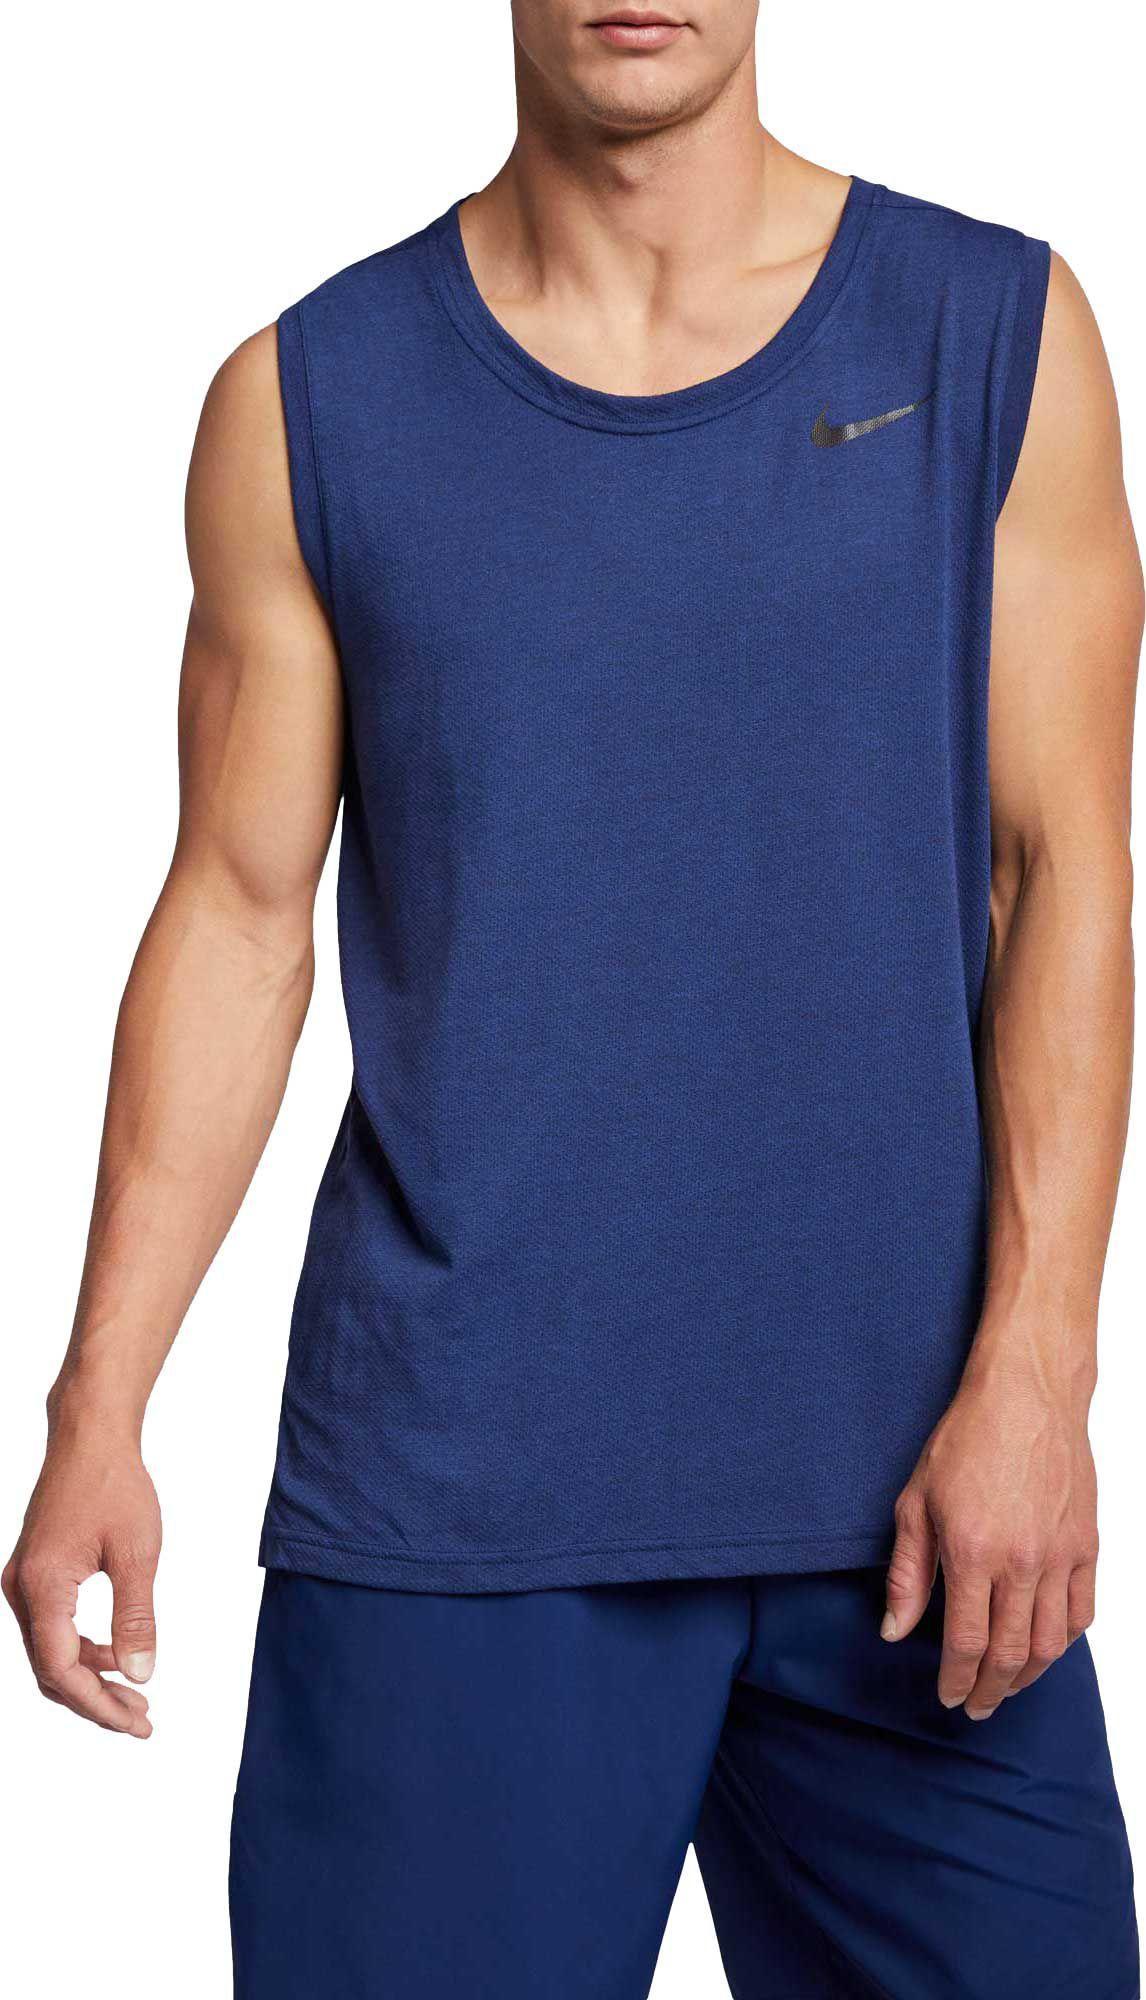 80e2d3c808b7f Lyst - Nike Hyper Dry Training Tank Top in Blue for Men